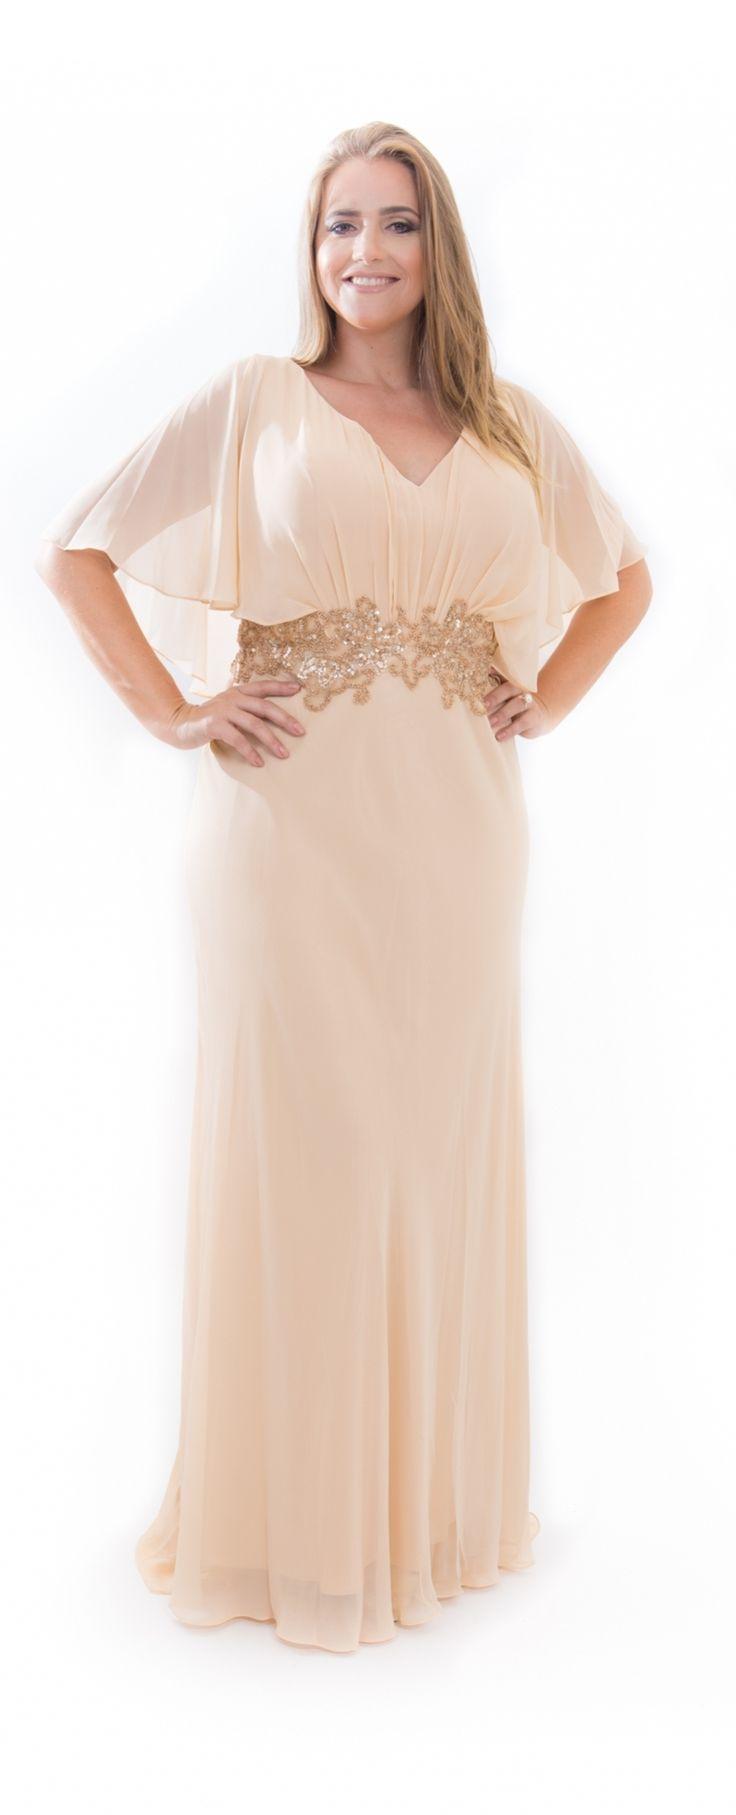 Vestido para mãe dos noivos                                                                                                                                                                                 Mais